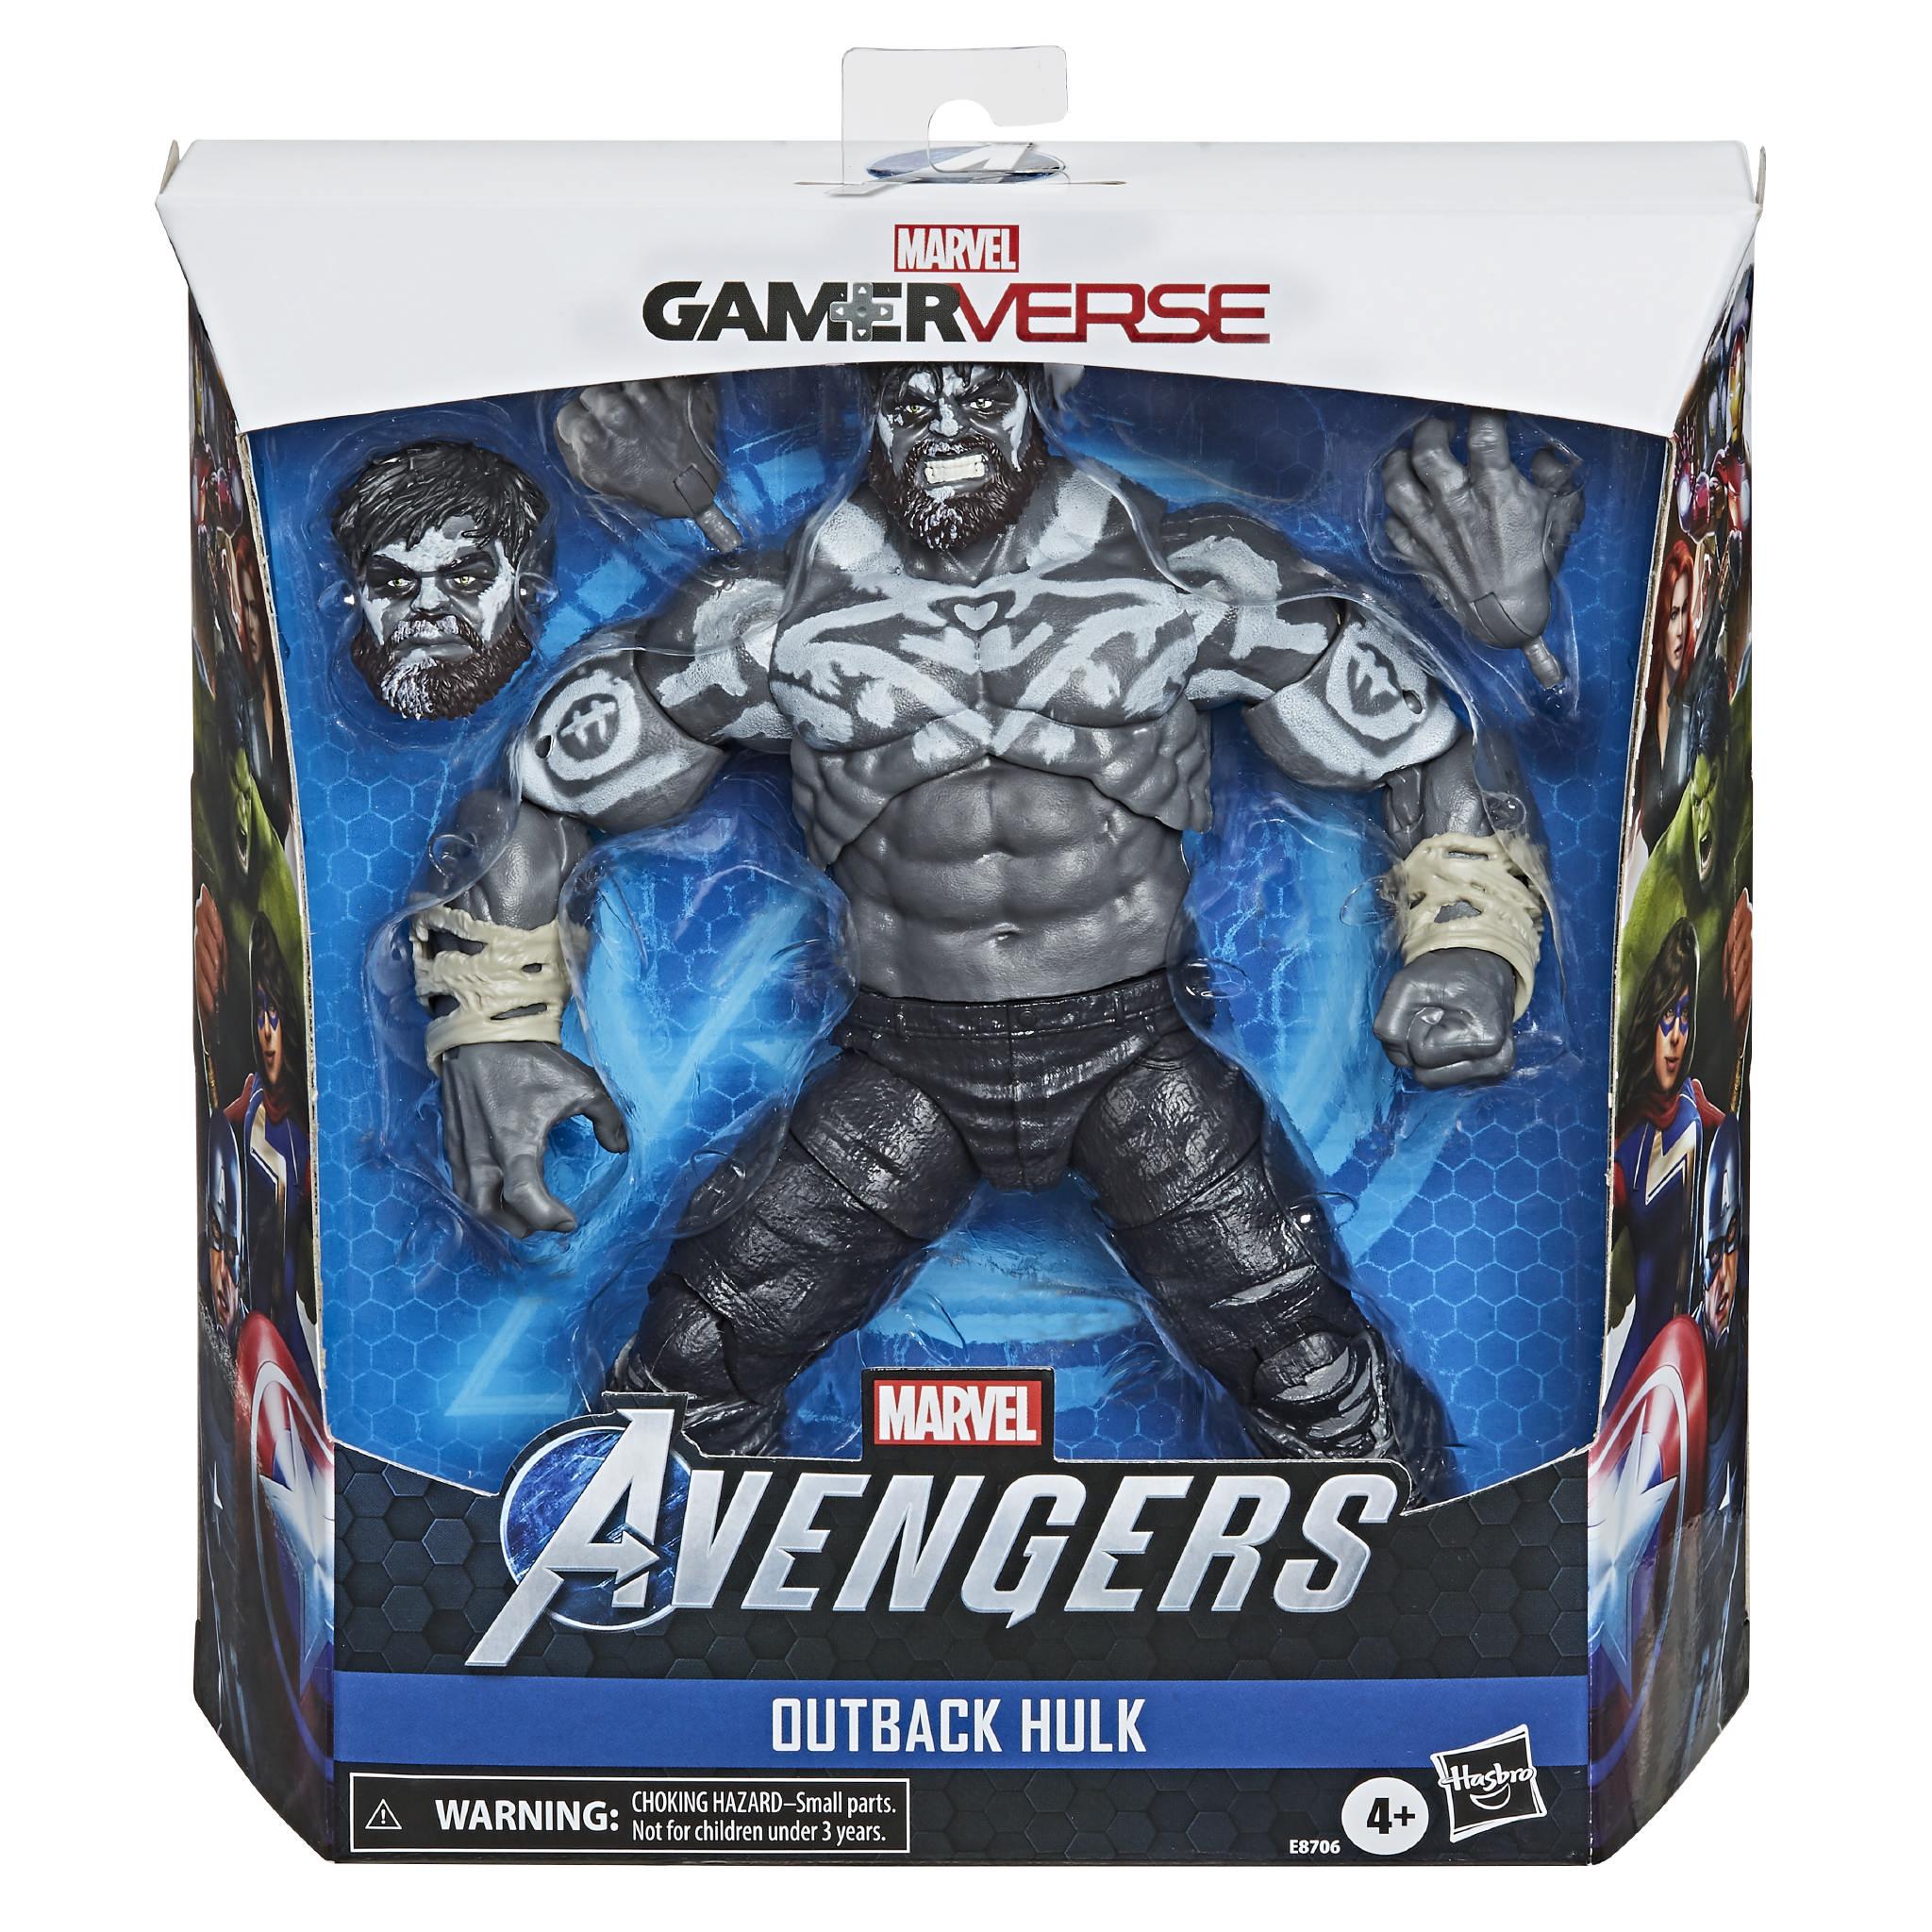 Marvel's Avengers - Outback Hulk